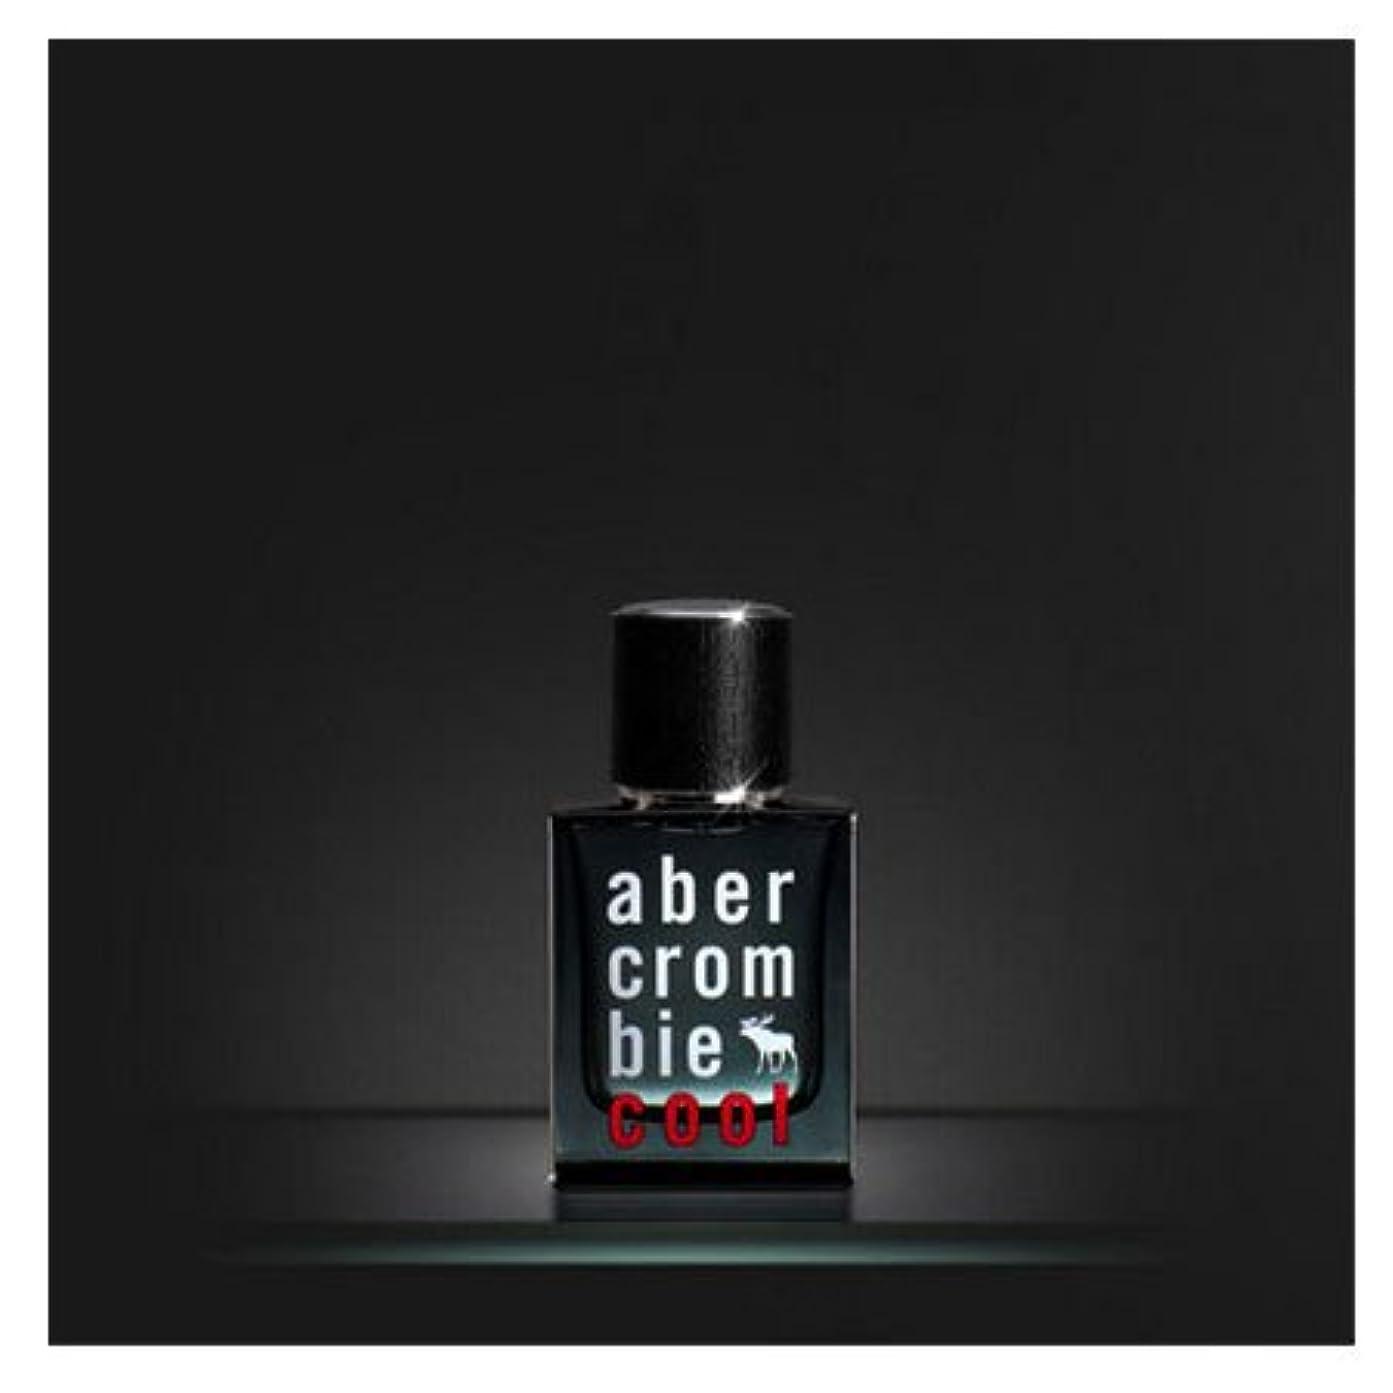 ケージ人生を作る子供時代Abercrombie COOL (アバクロンビエ クール) 1.0 oz (30ml) COL Spray for Men